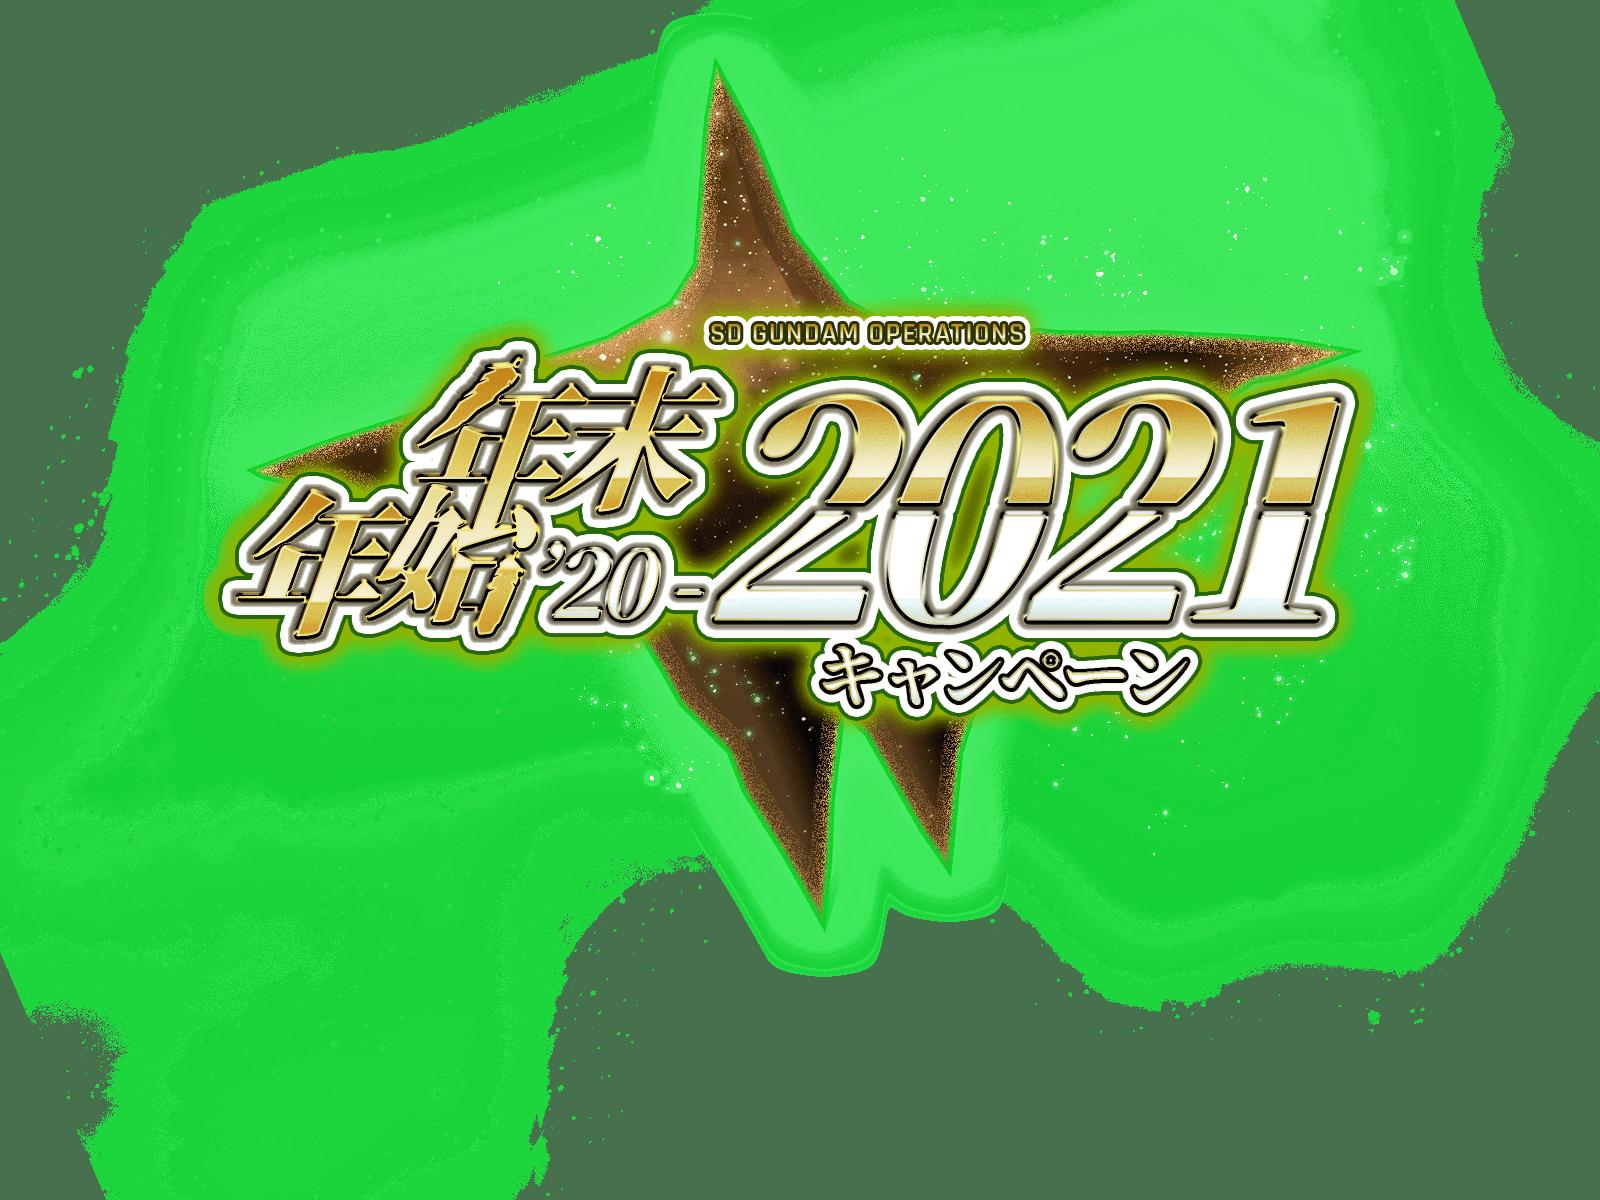 2020-2021 年末年始キャンペーン